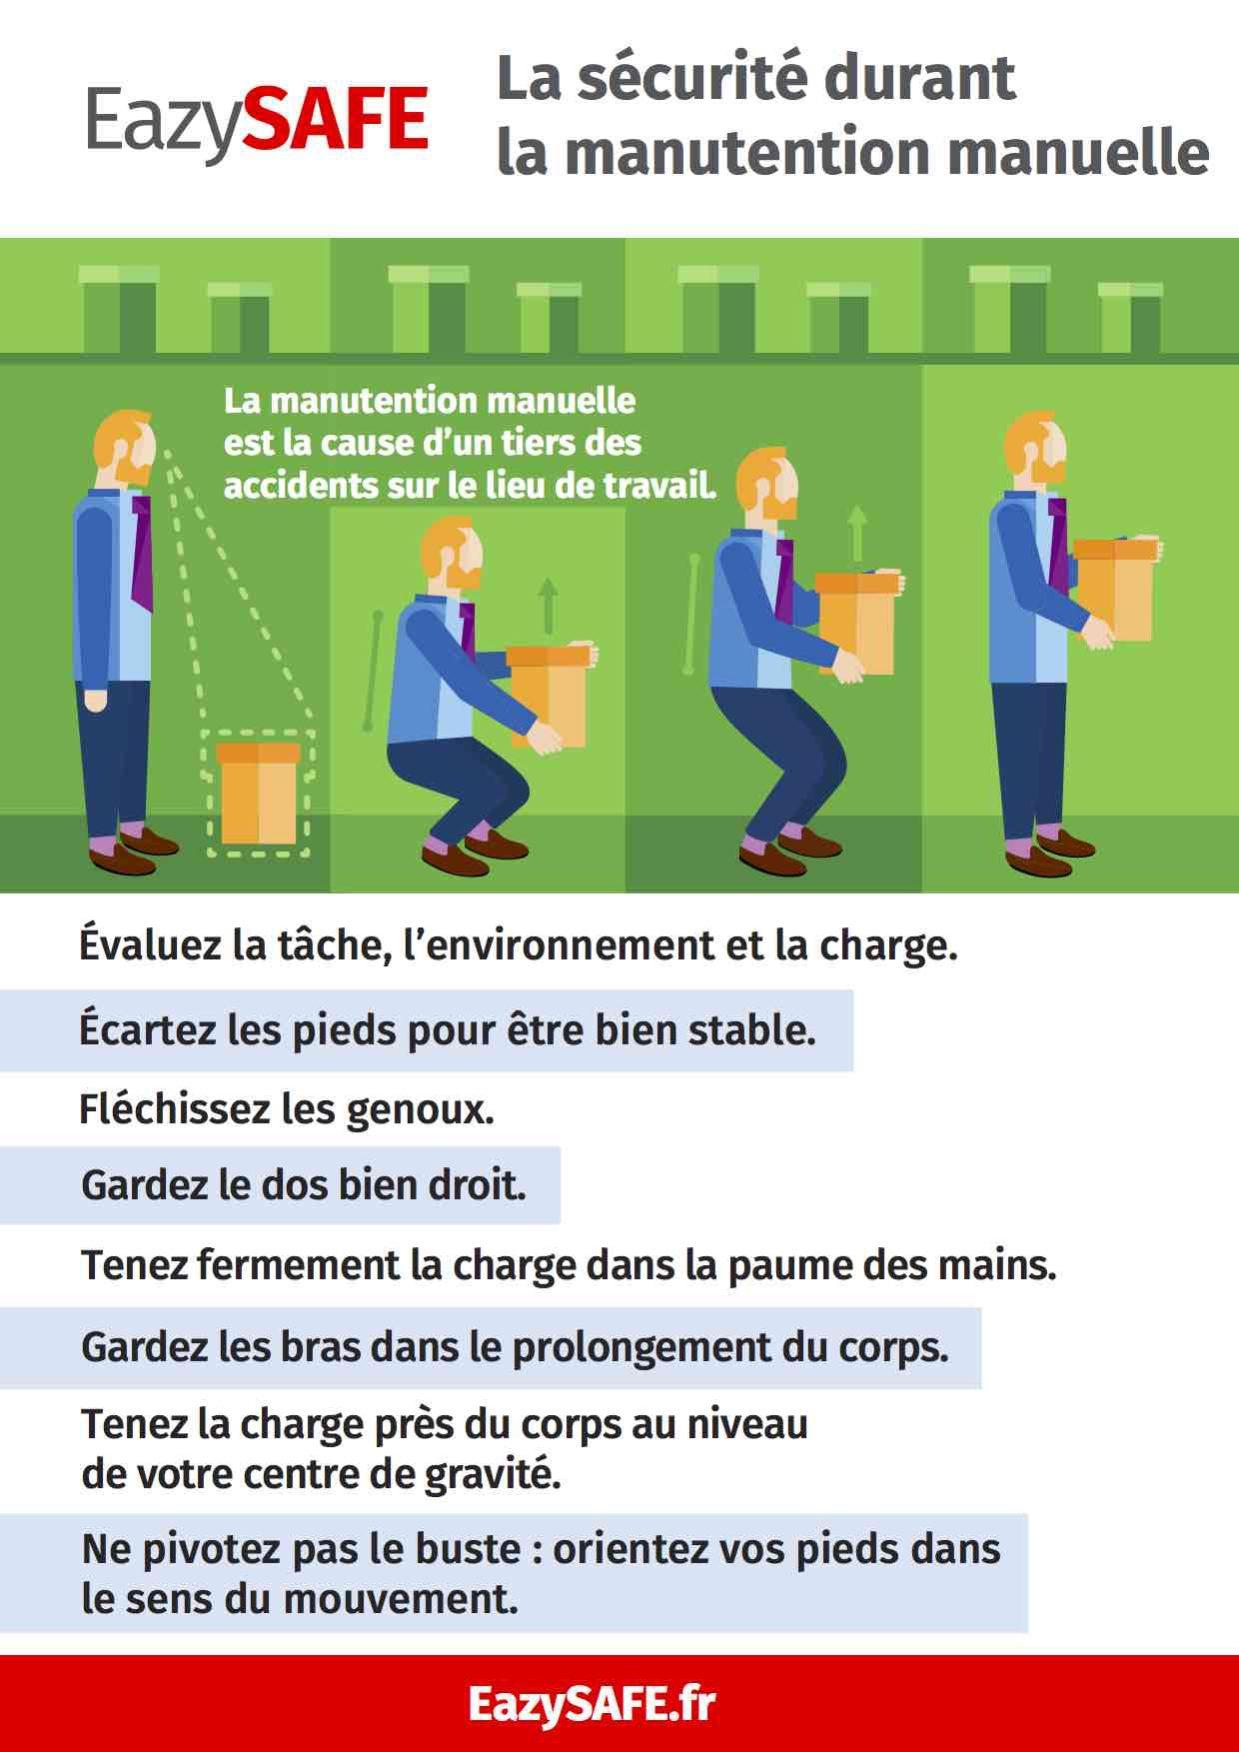 poster eazysafe manutention